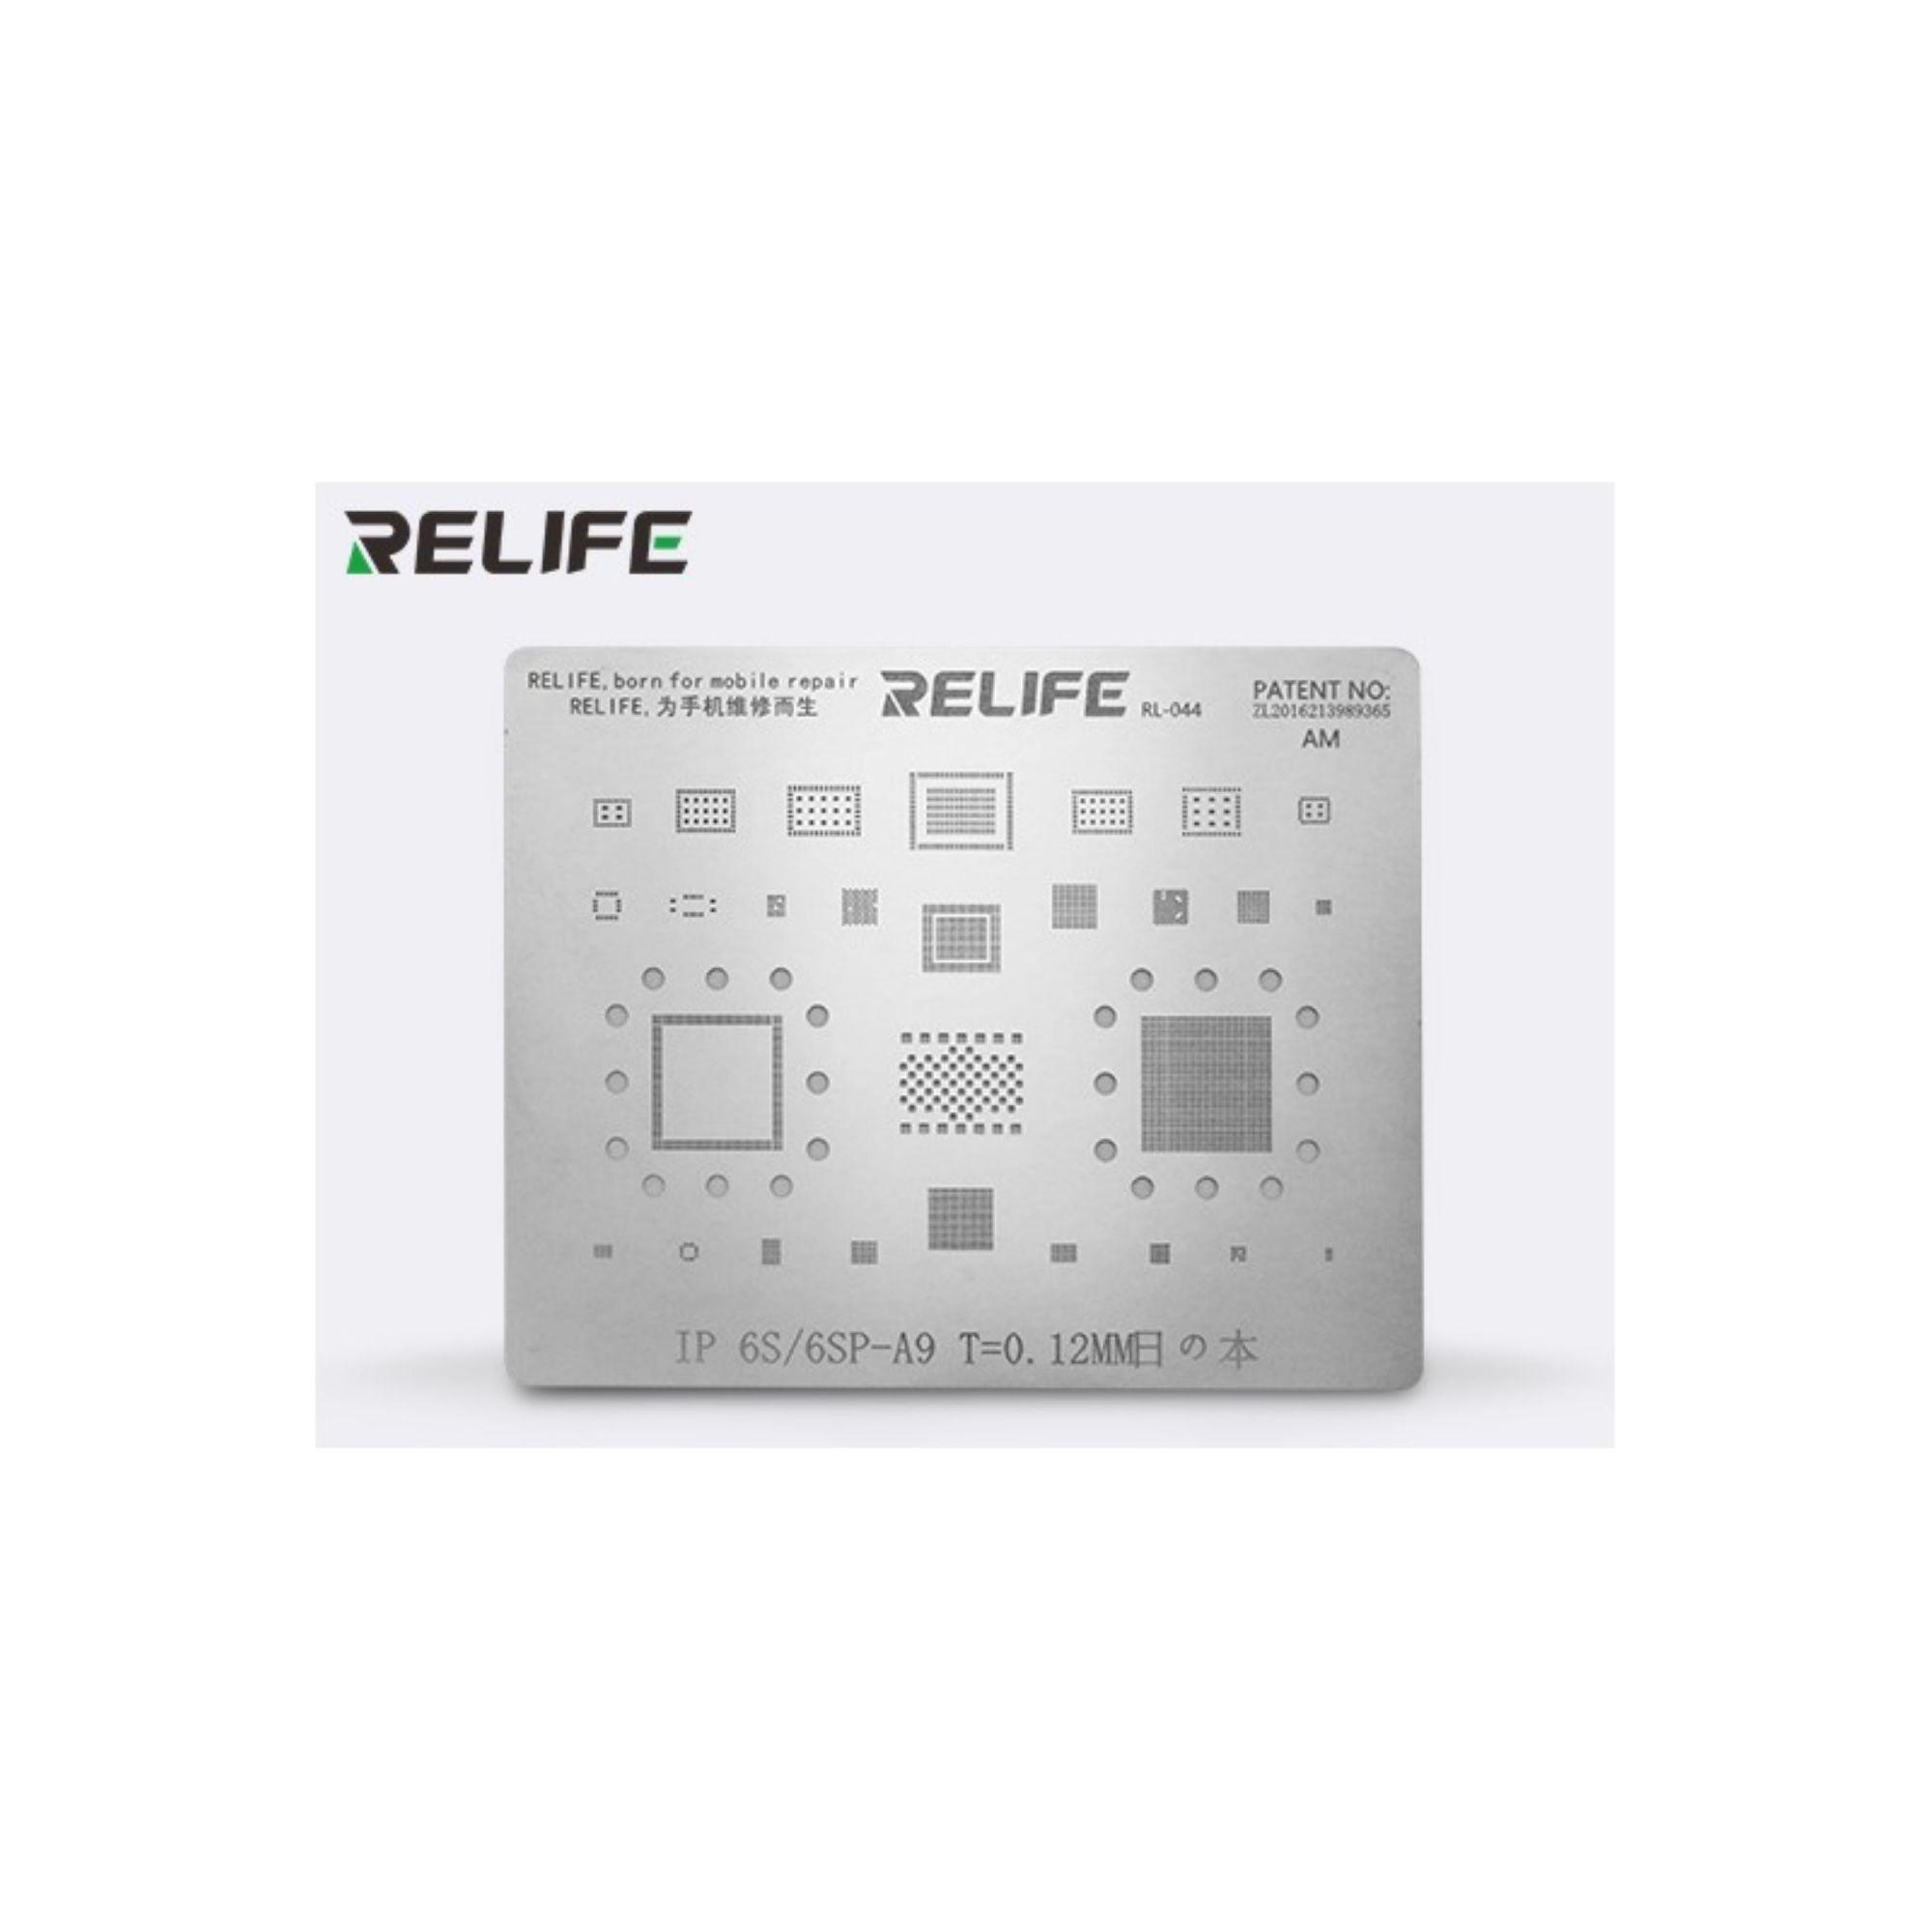 Relife Rl-044 Precisão Bga Stencil Para iPhone 6S, 6S Plus ICs e CPU A9